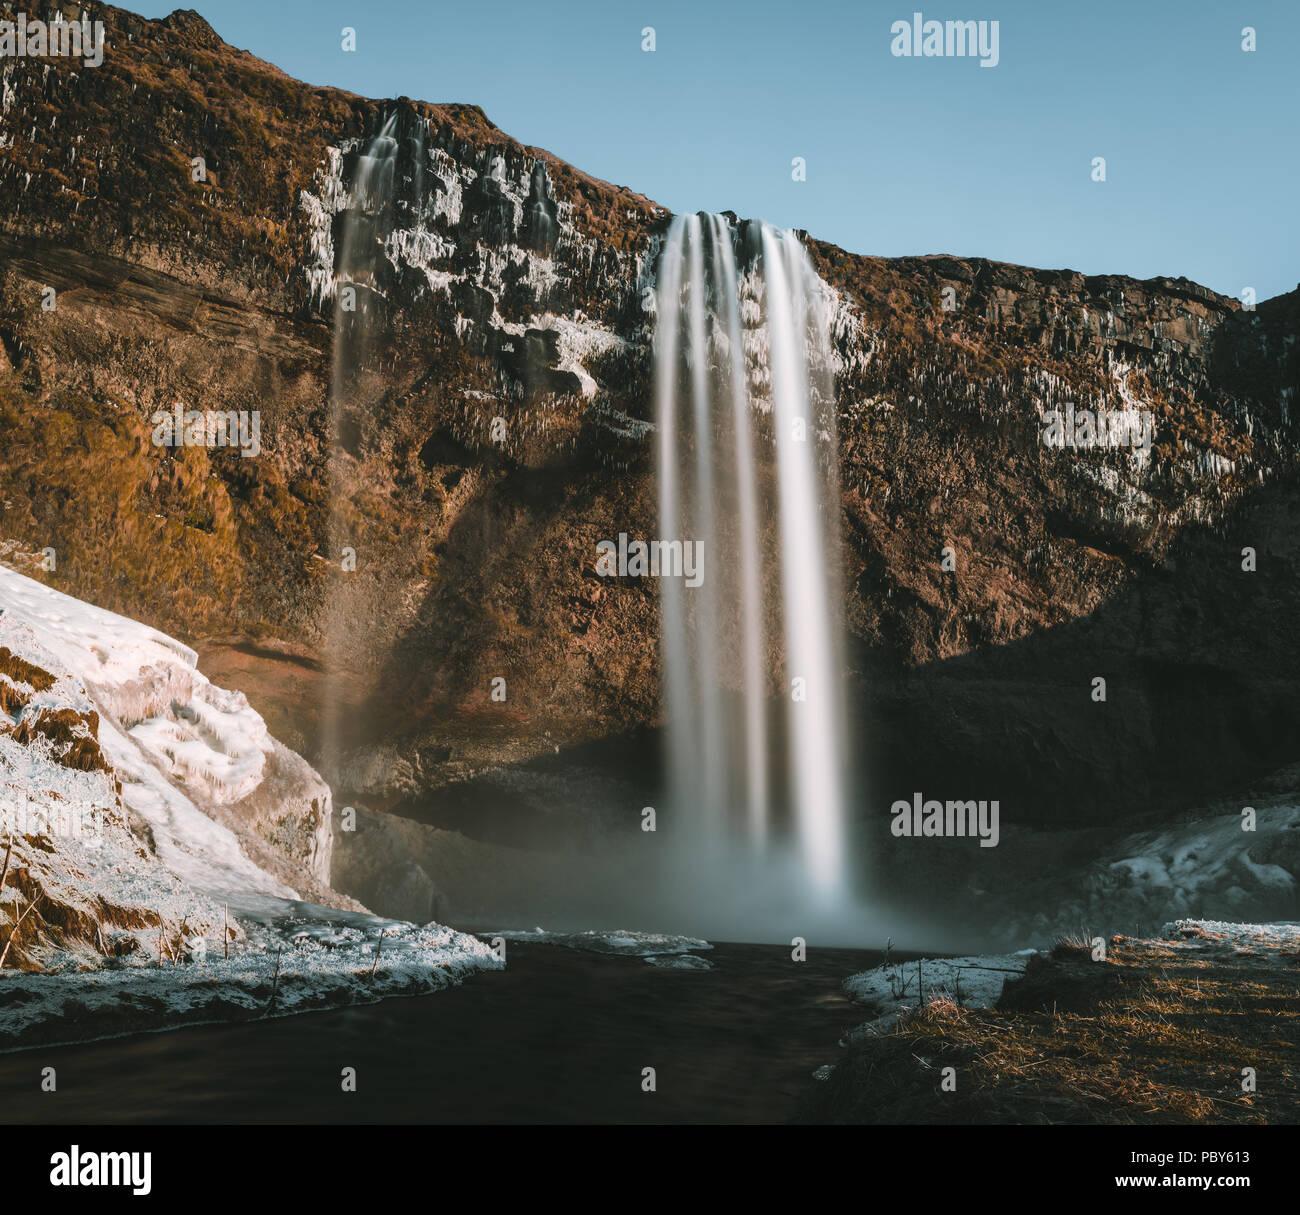 Wunderbare Landschaft von Wasserfall Seljalandsfoss in Island an einem klaren Tag mit blauem Himmel und Schnee. Stockbild